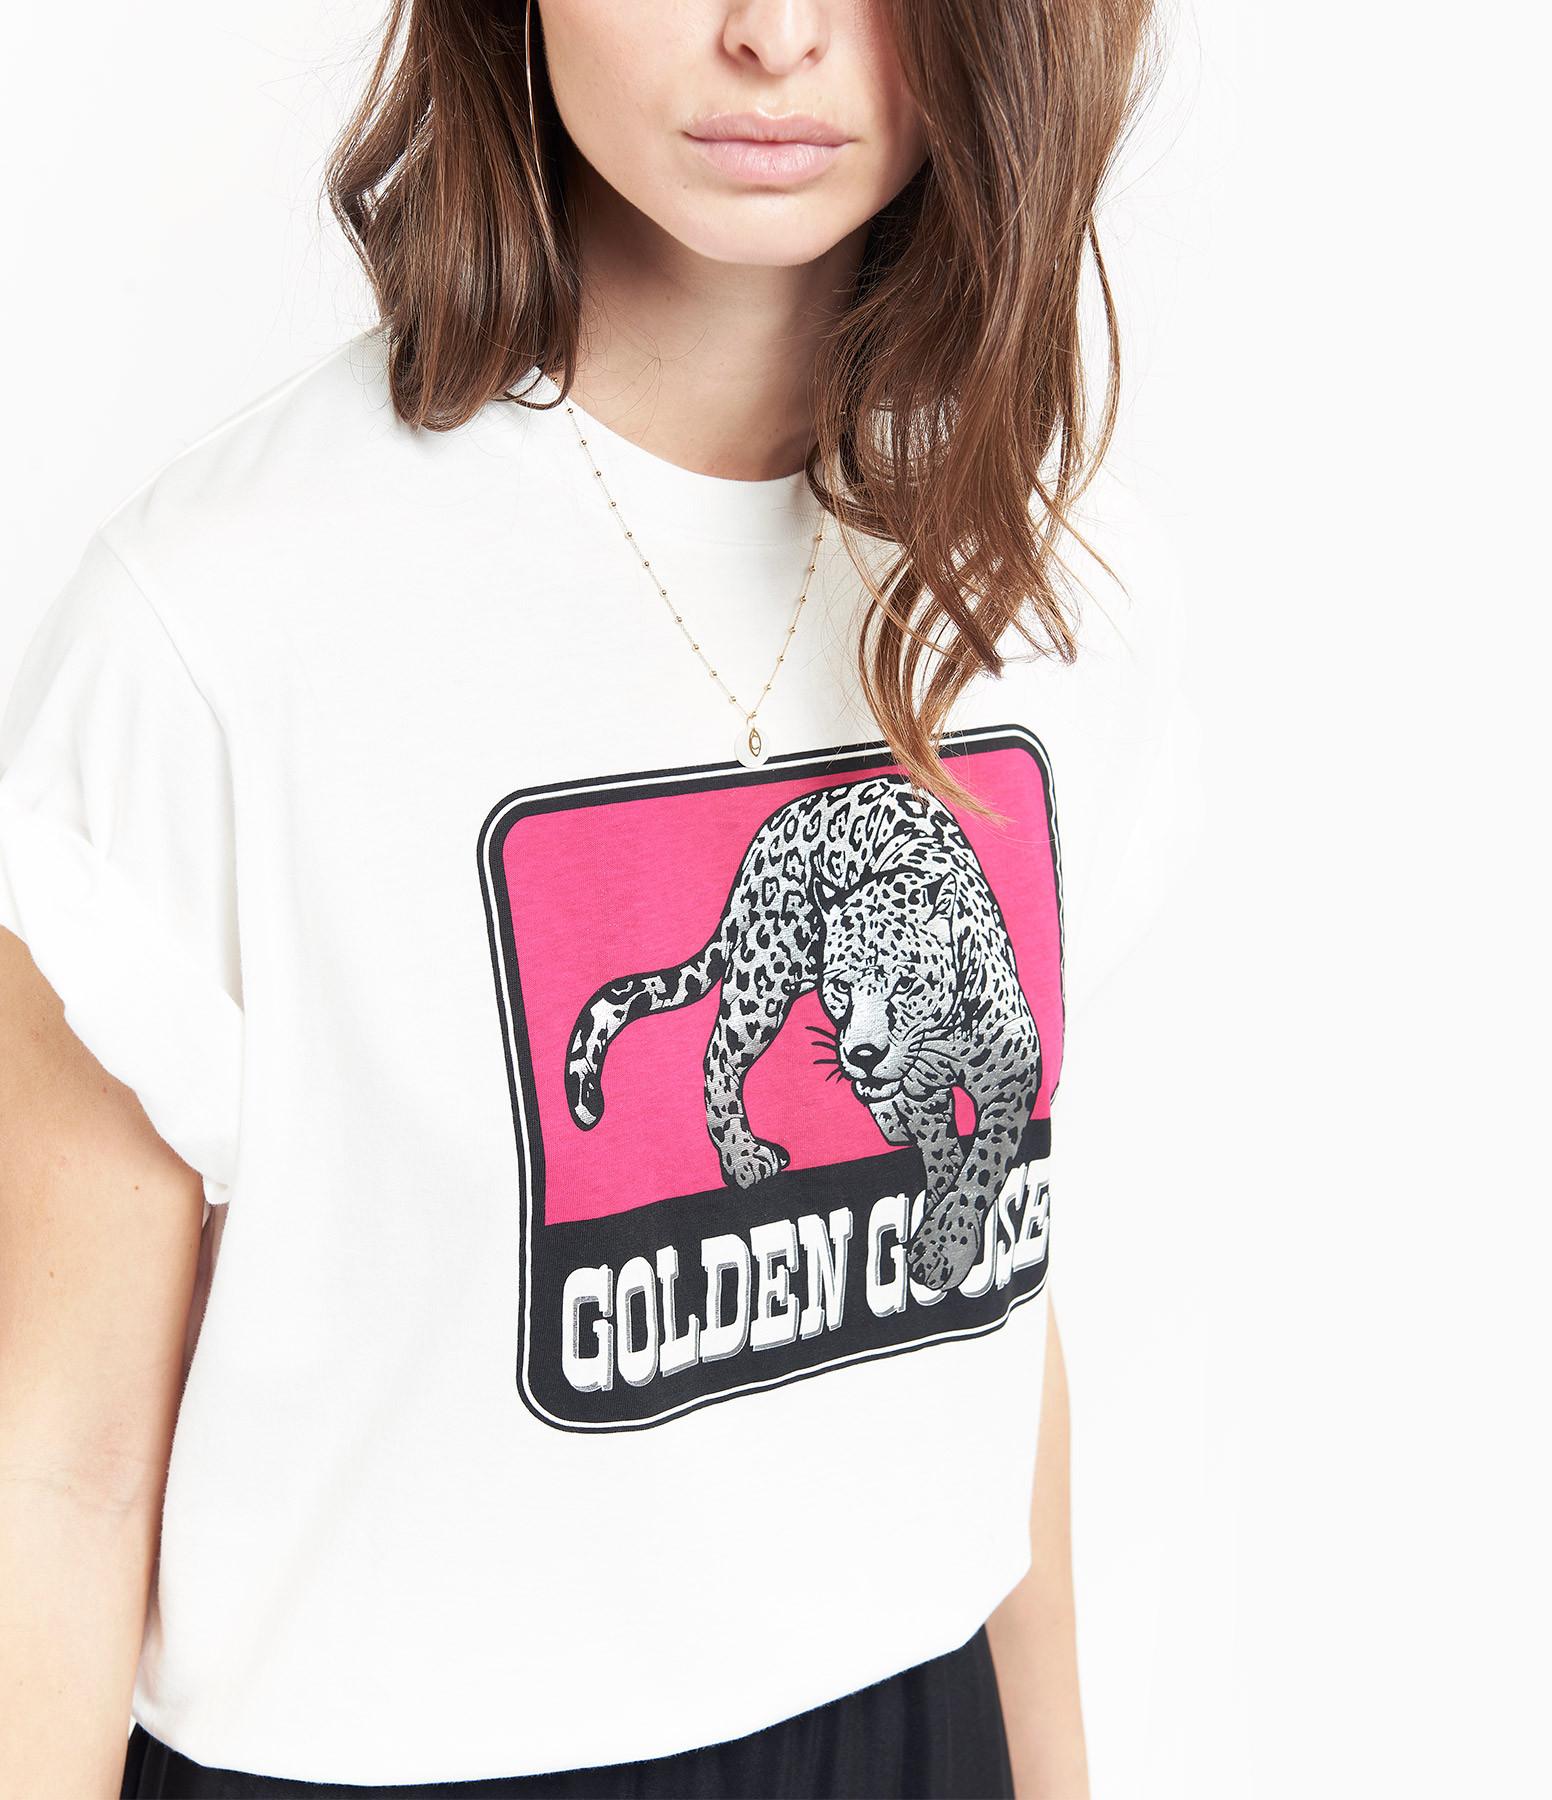 GOLDEN GOOSE - Tee-shirt Over Jaguar Coton Blanc